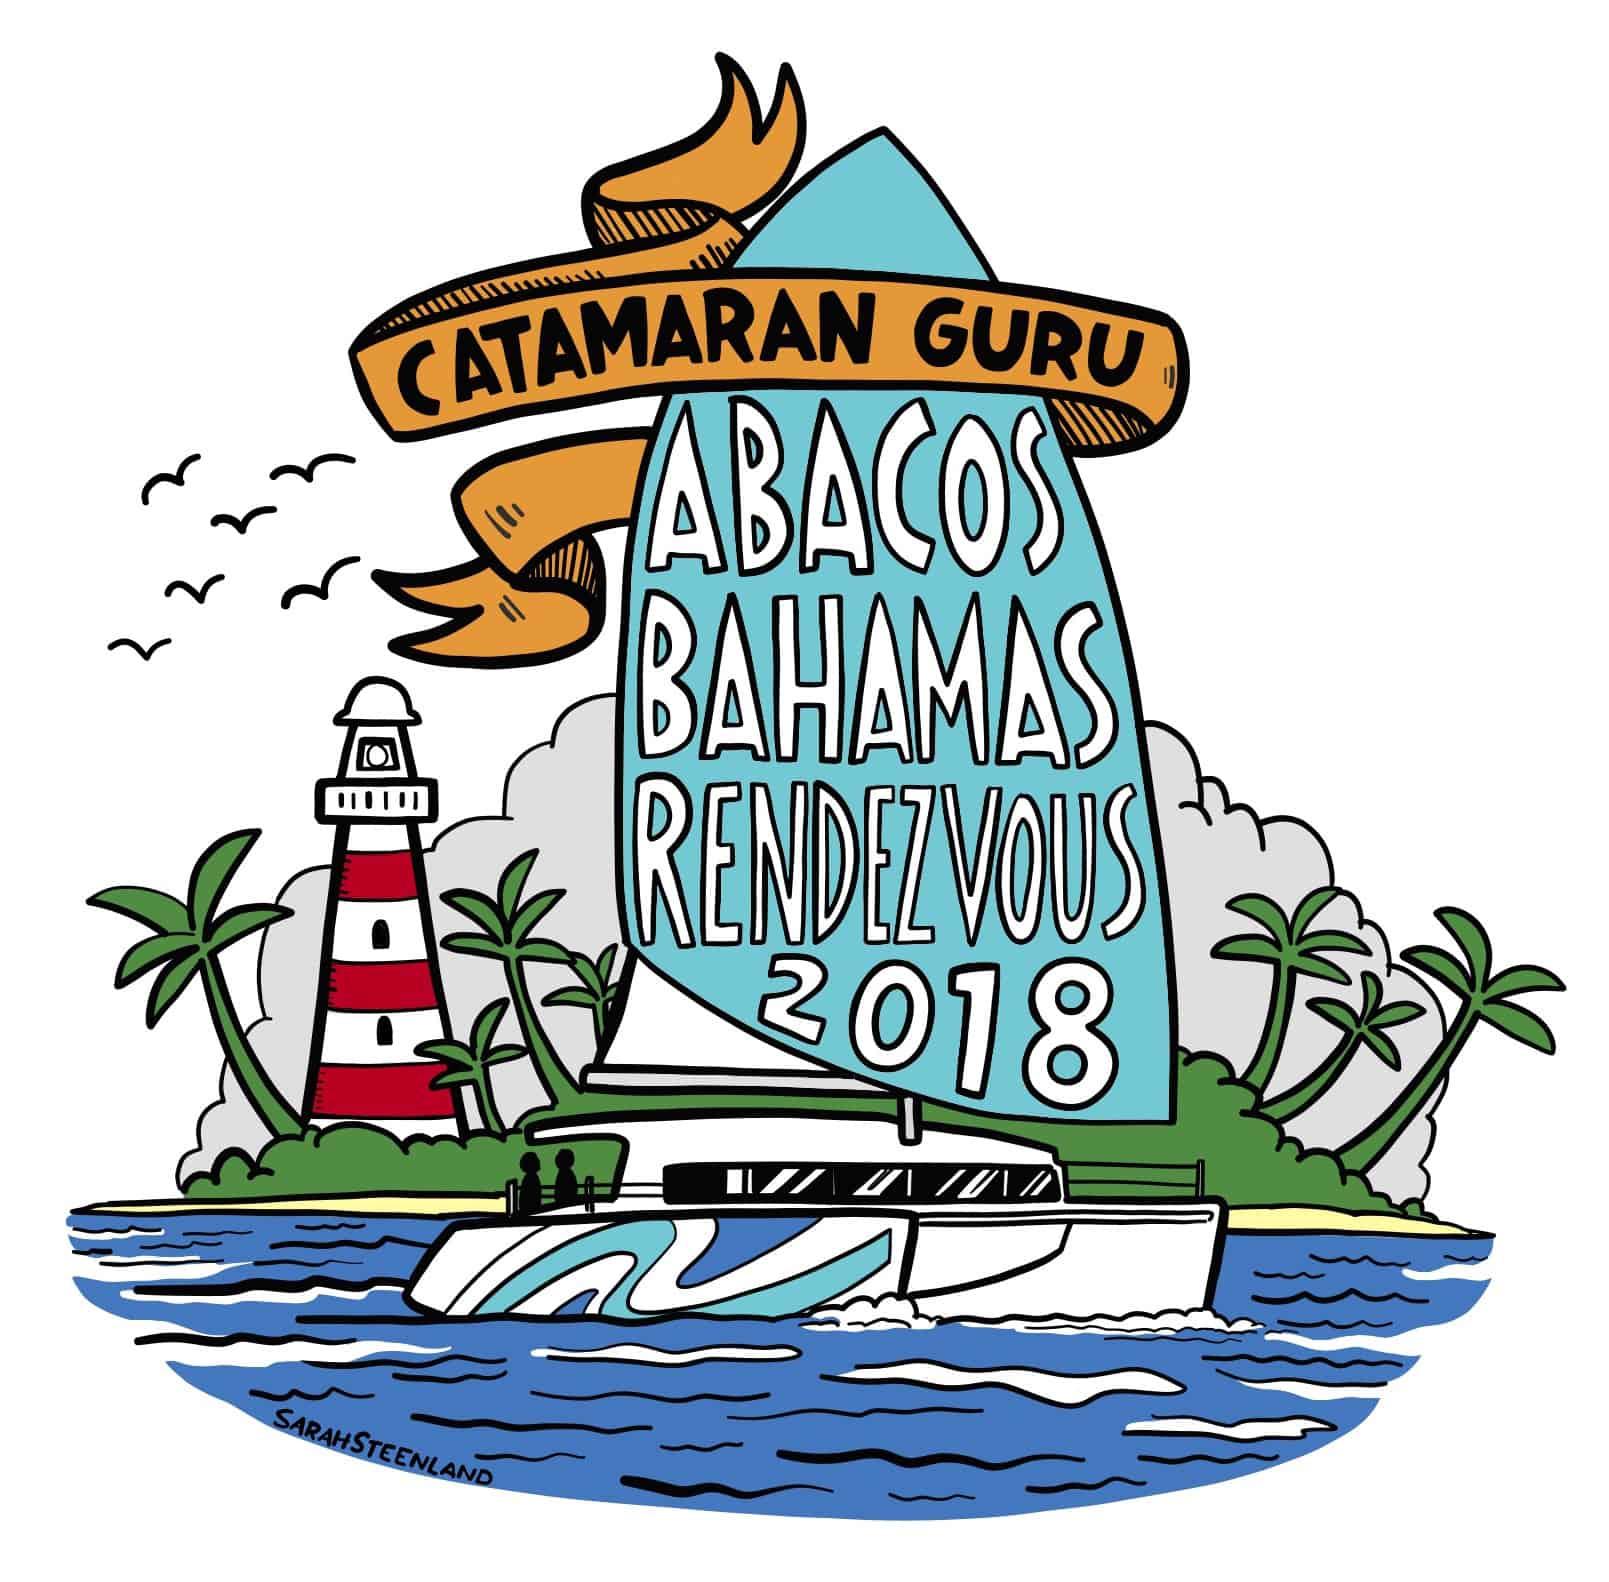 Catamaran Guru Rendezvous in the abacos for 2018